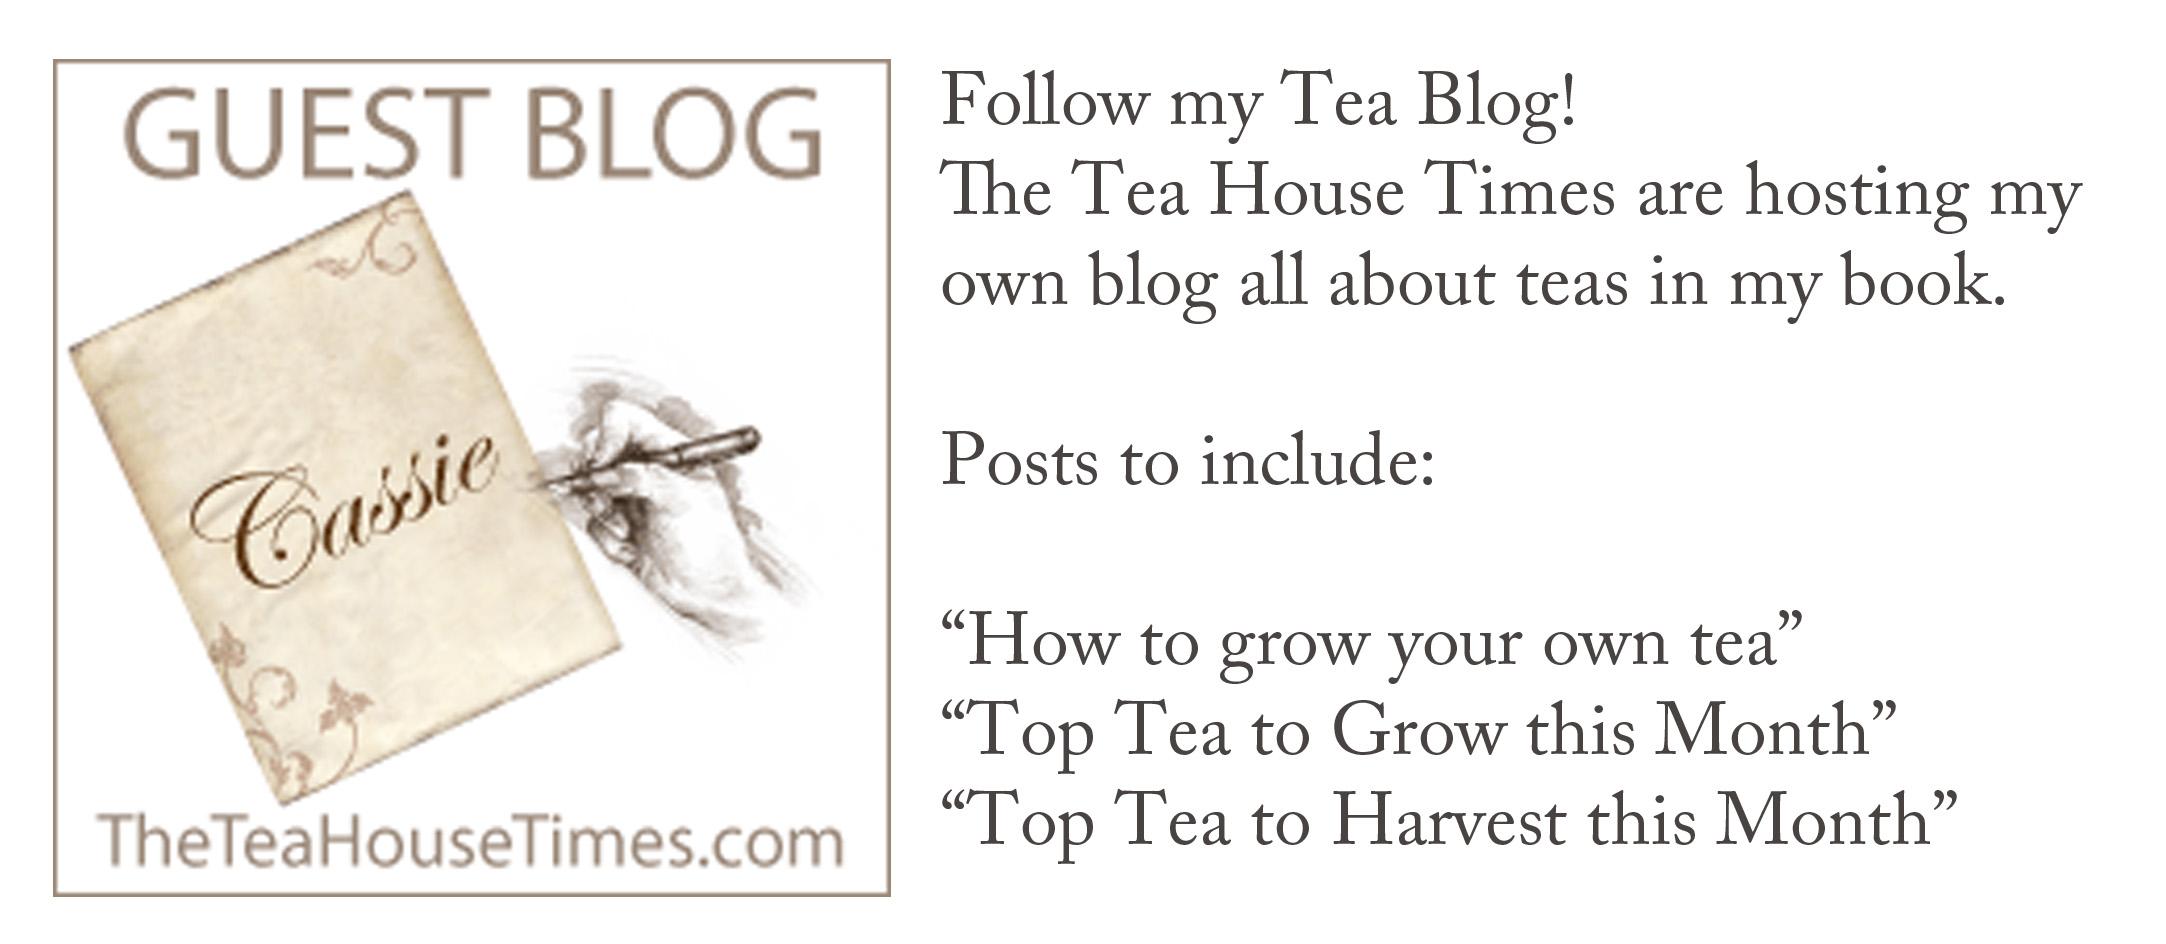 Blog link info